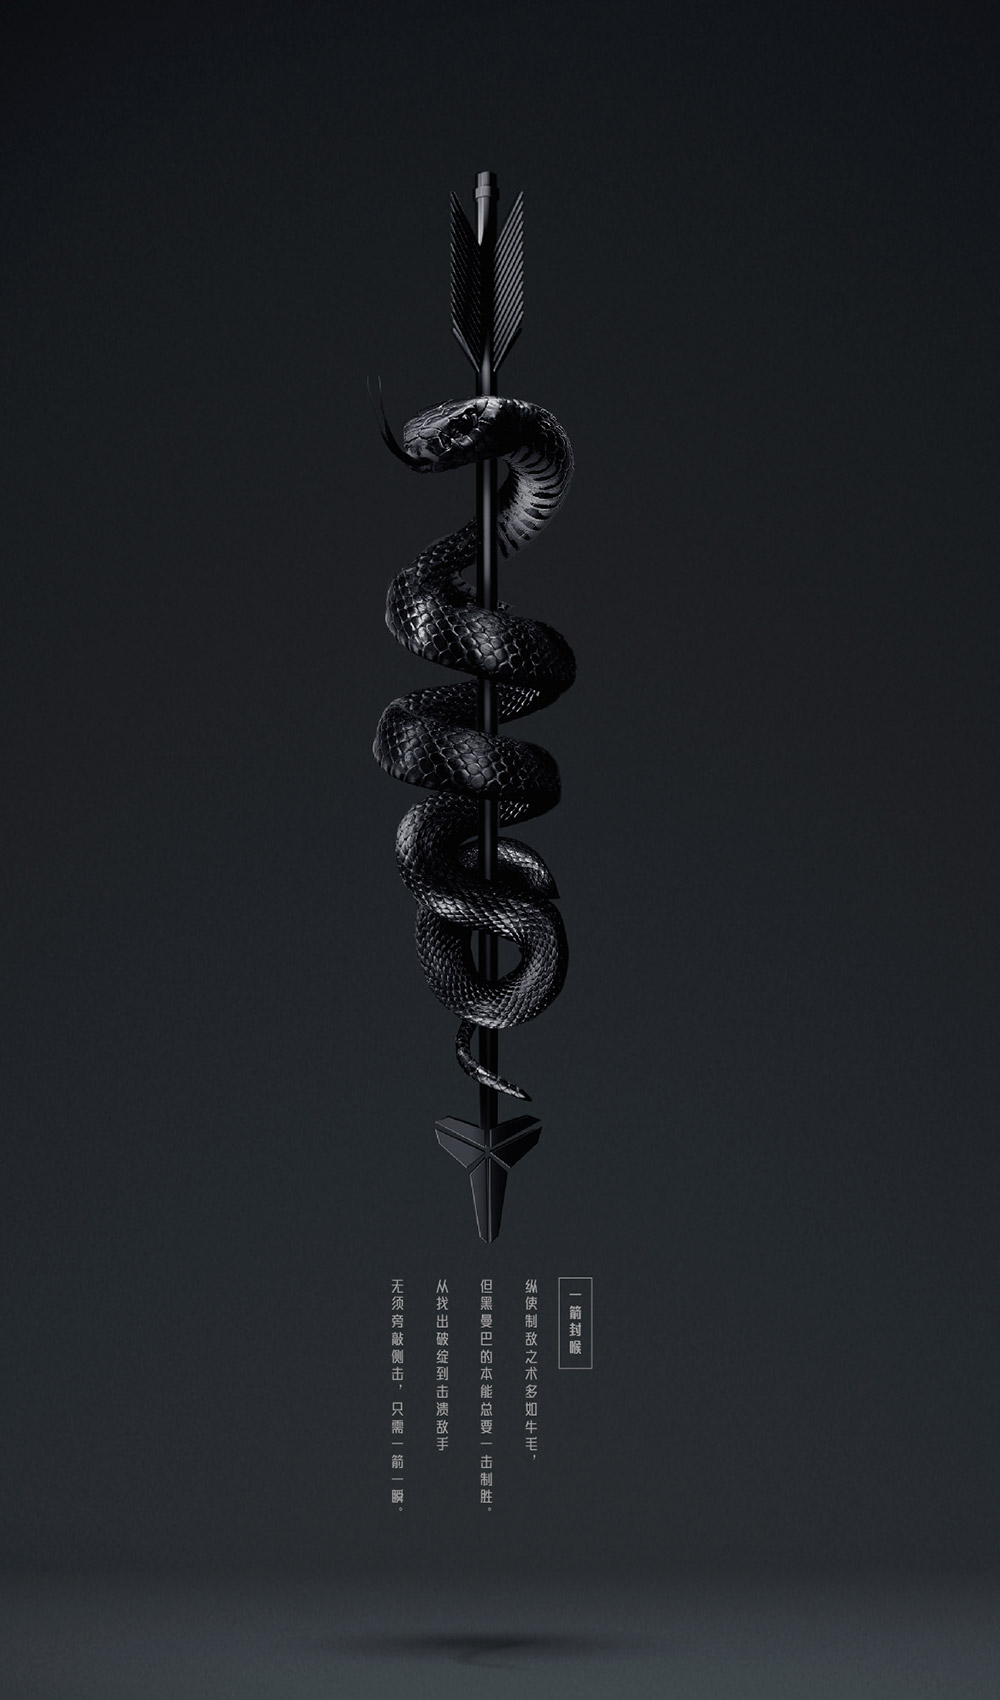 Kobe-Symbols-4-11